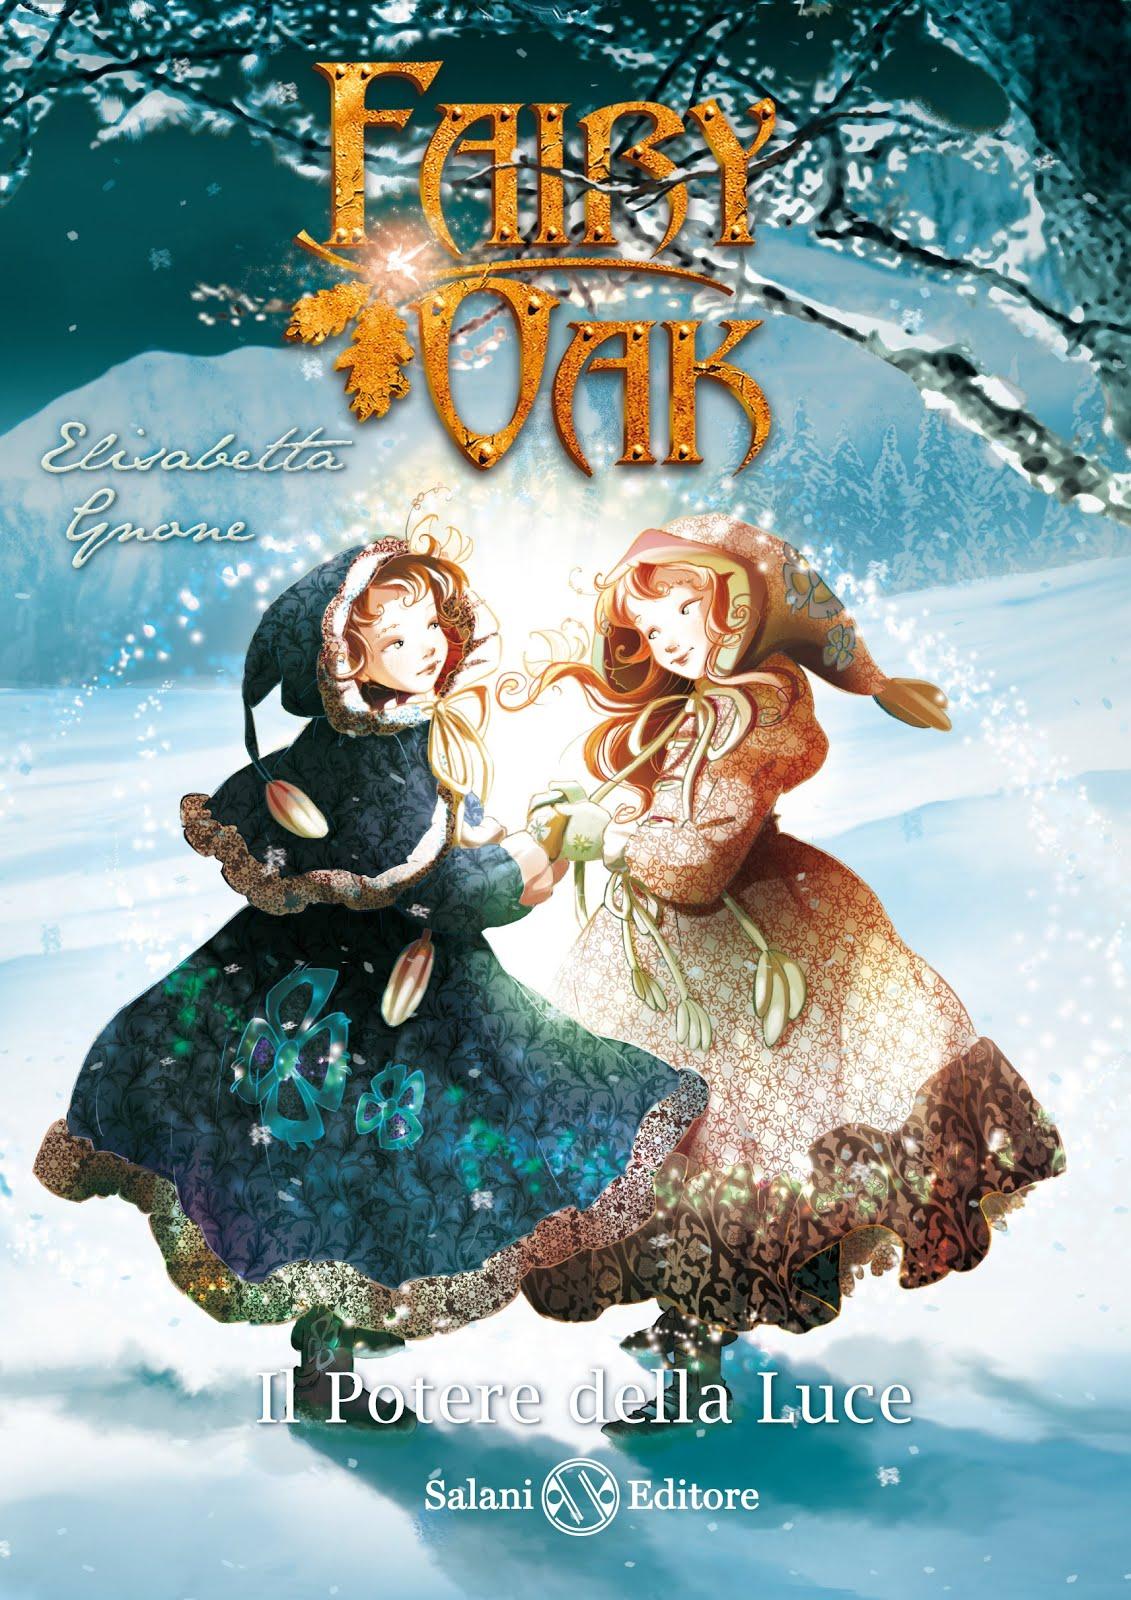 fairy-oak-elisabetta-gnone-il-potere-della-luce